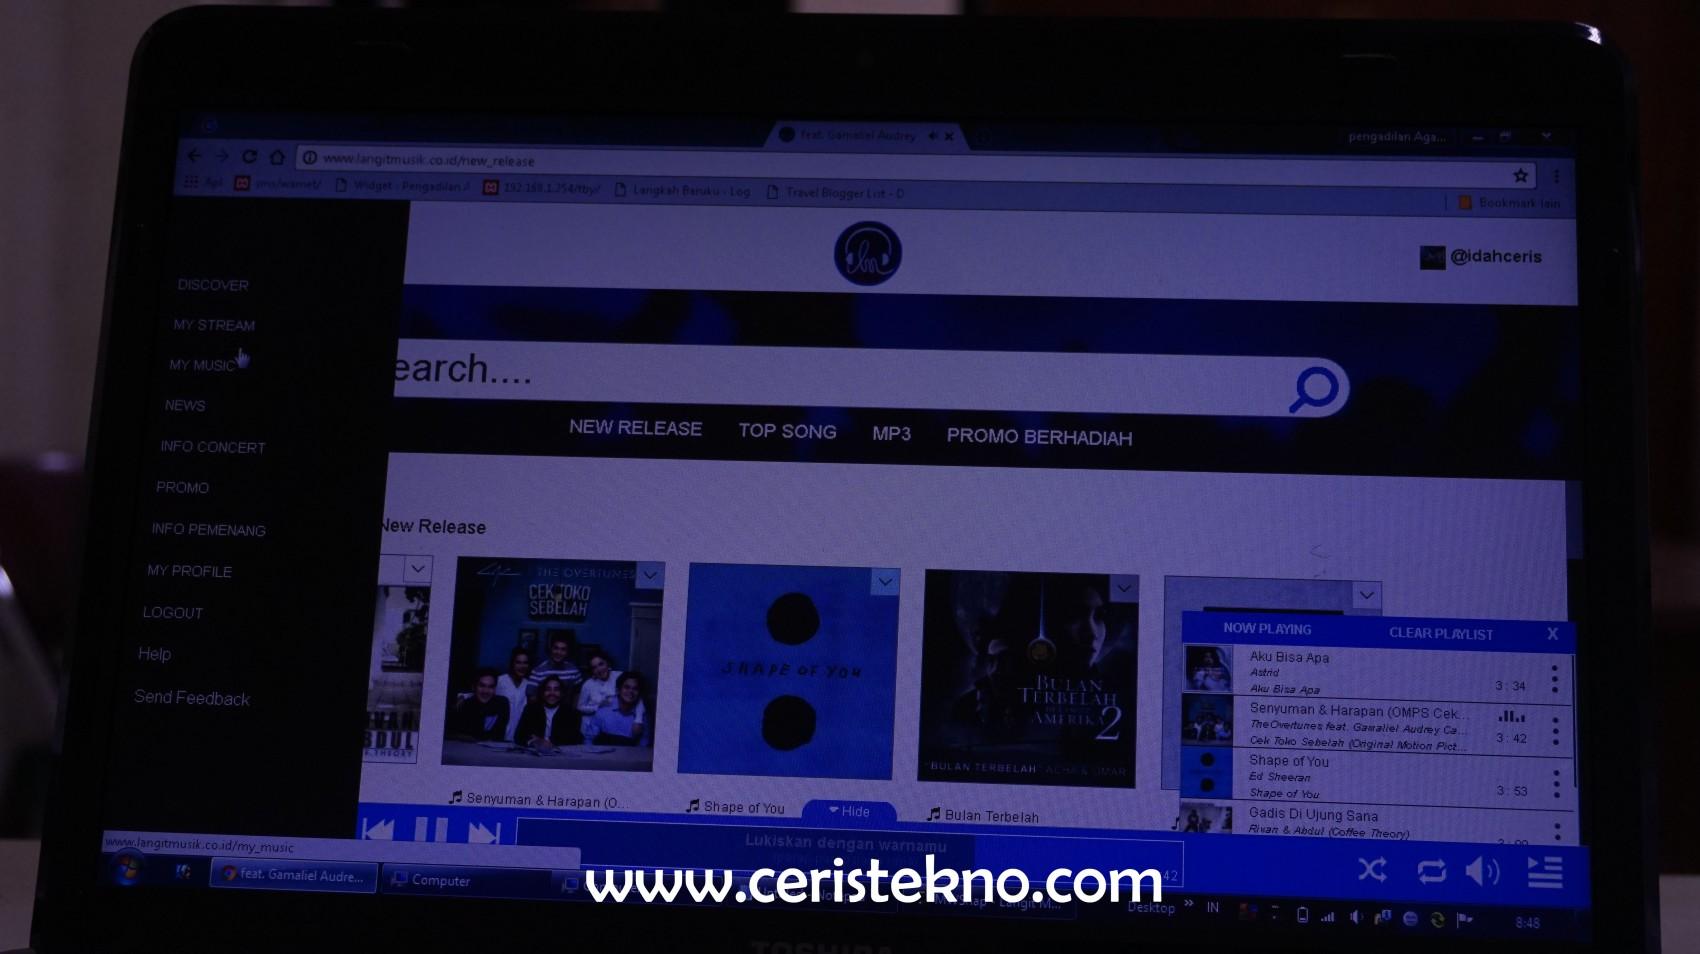 langit-musik-streaming-on-desktop